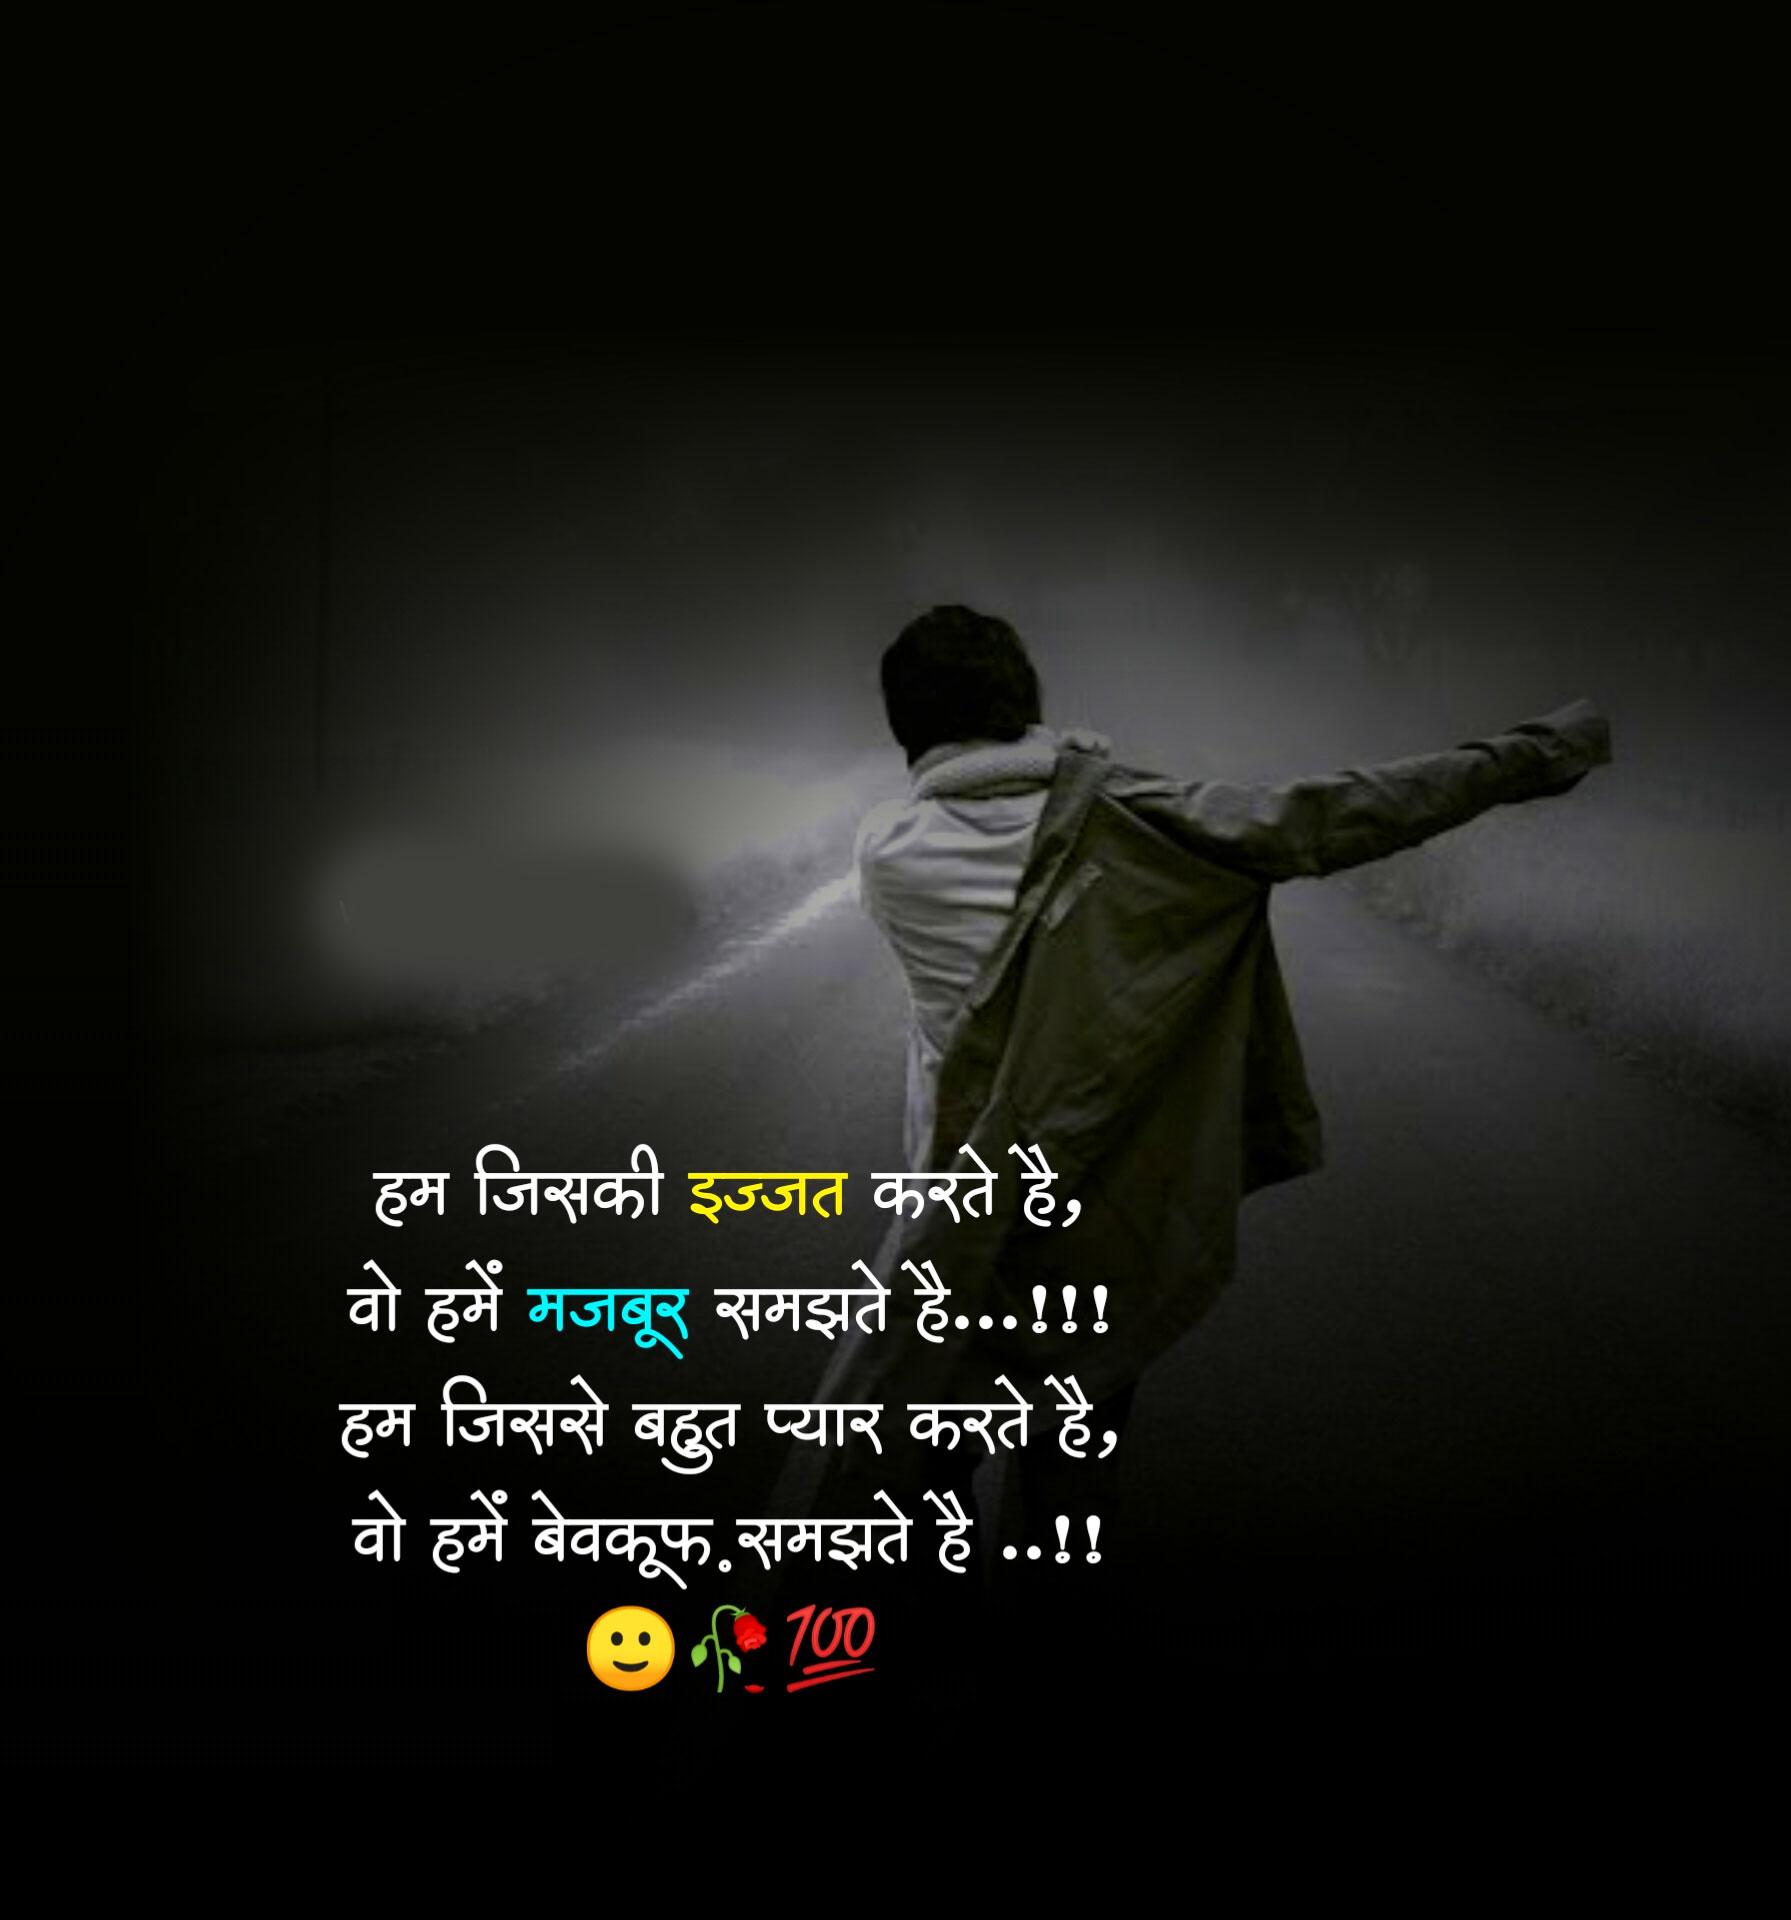 Latest Sad Boy Shayari Images for facebook